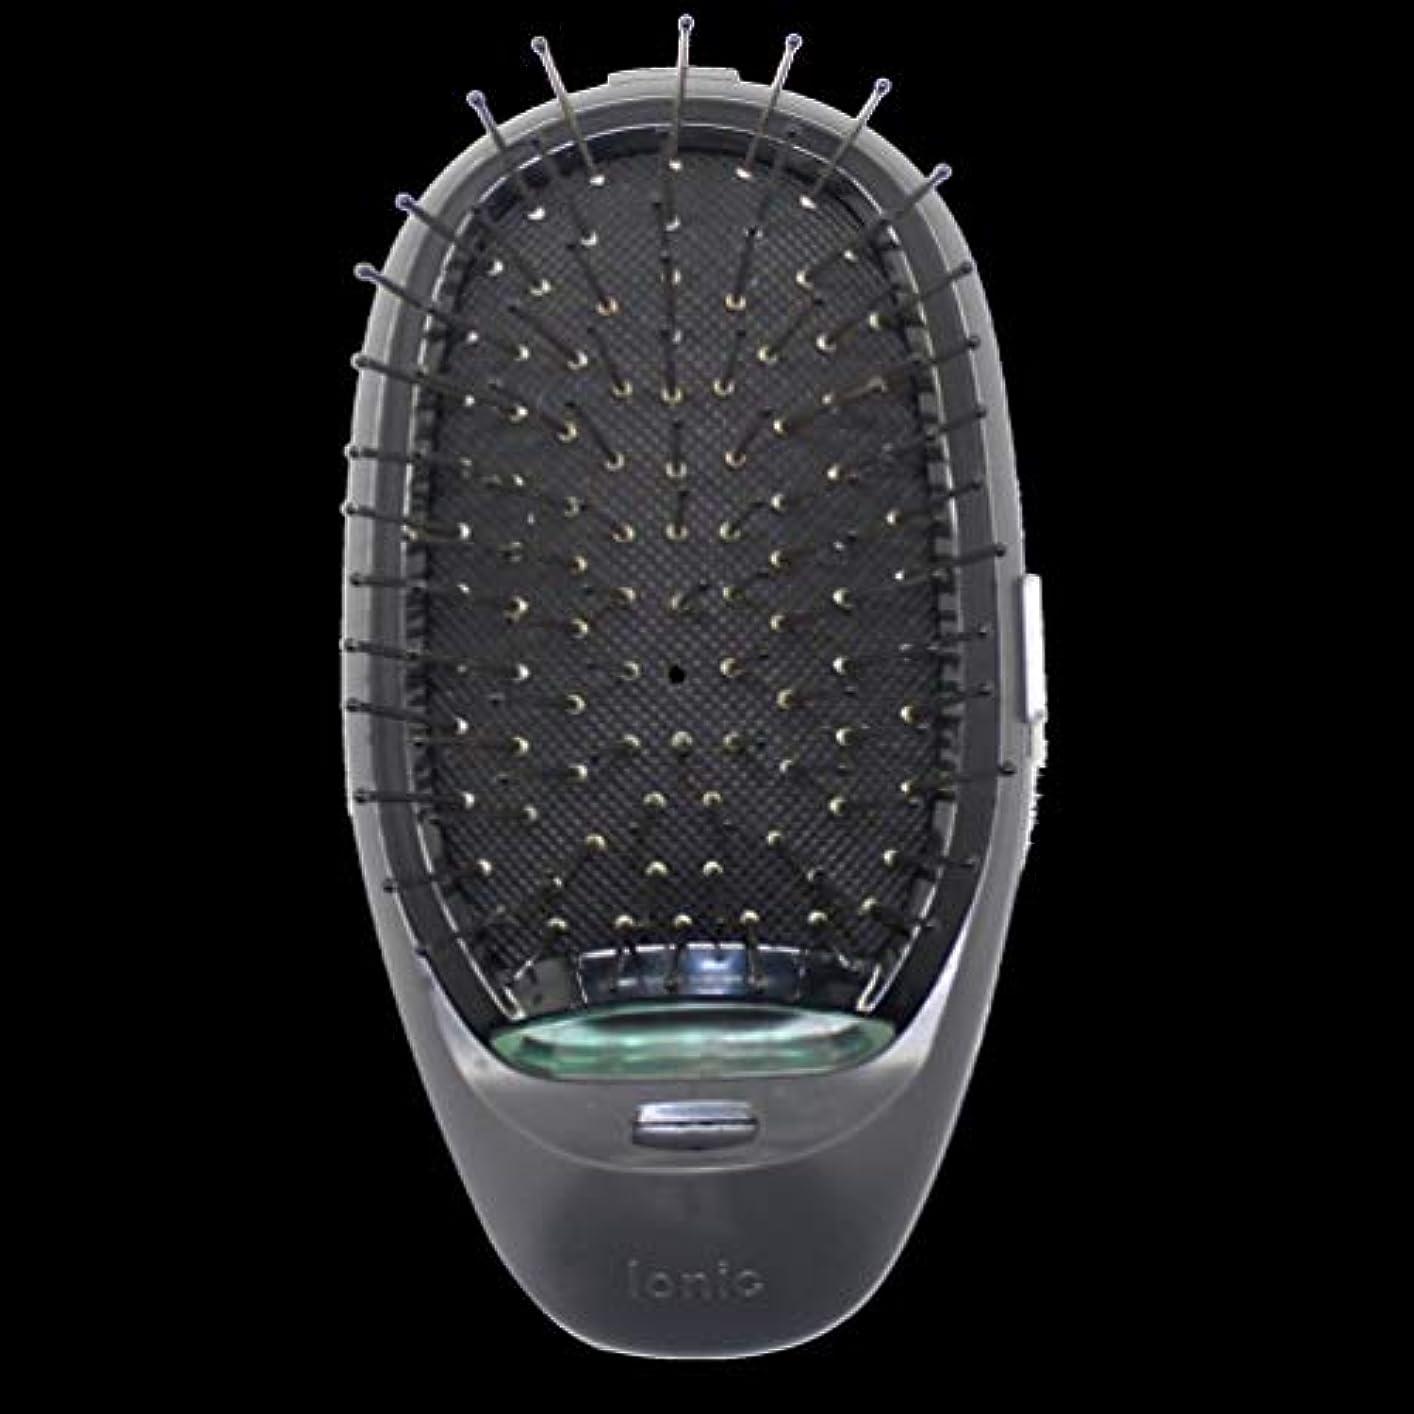 効率的に一般化する応じる電動マッサージヘアブラシミニマイナスイオンヘアコム3Dインフレータブルコーム帯電防止ガールズヘアブラシ電池式 - ブラック